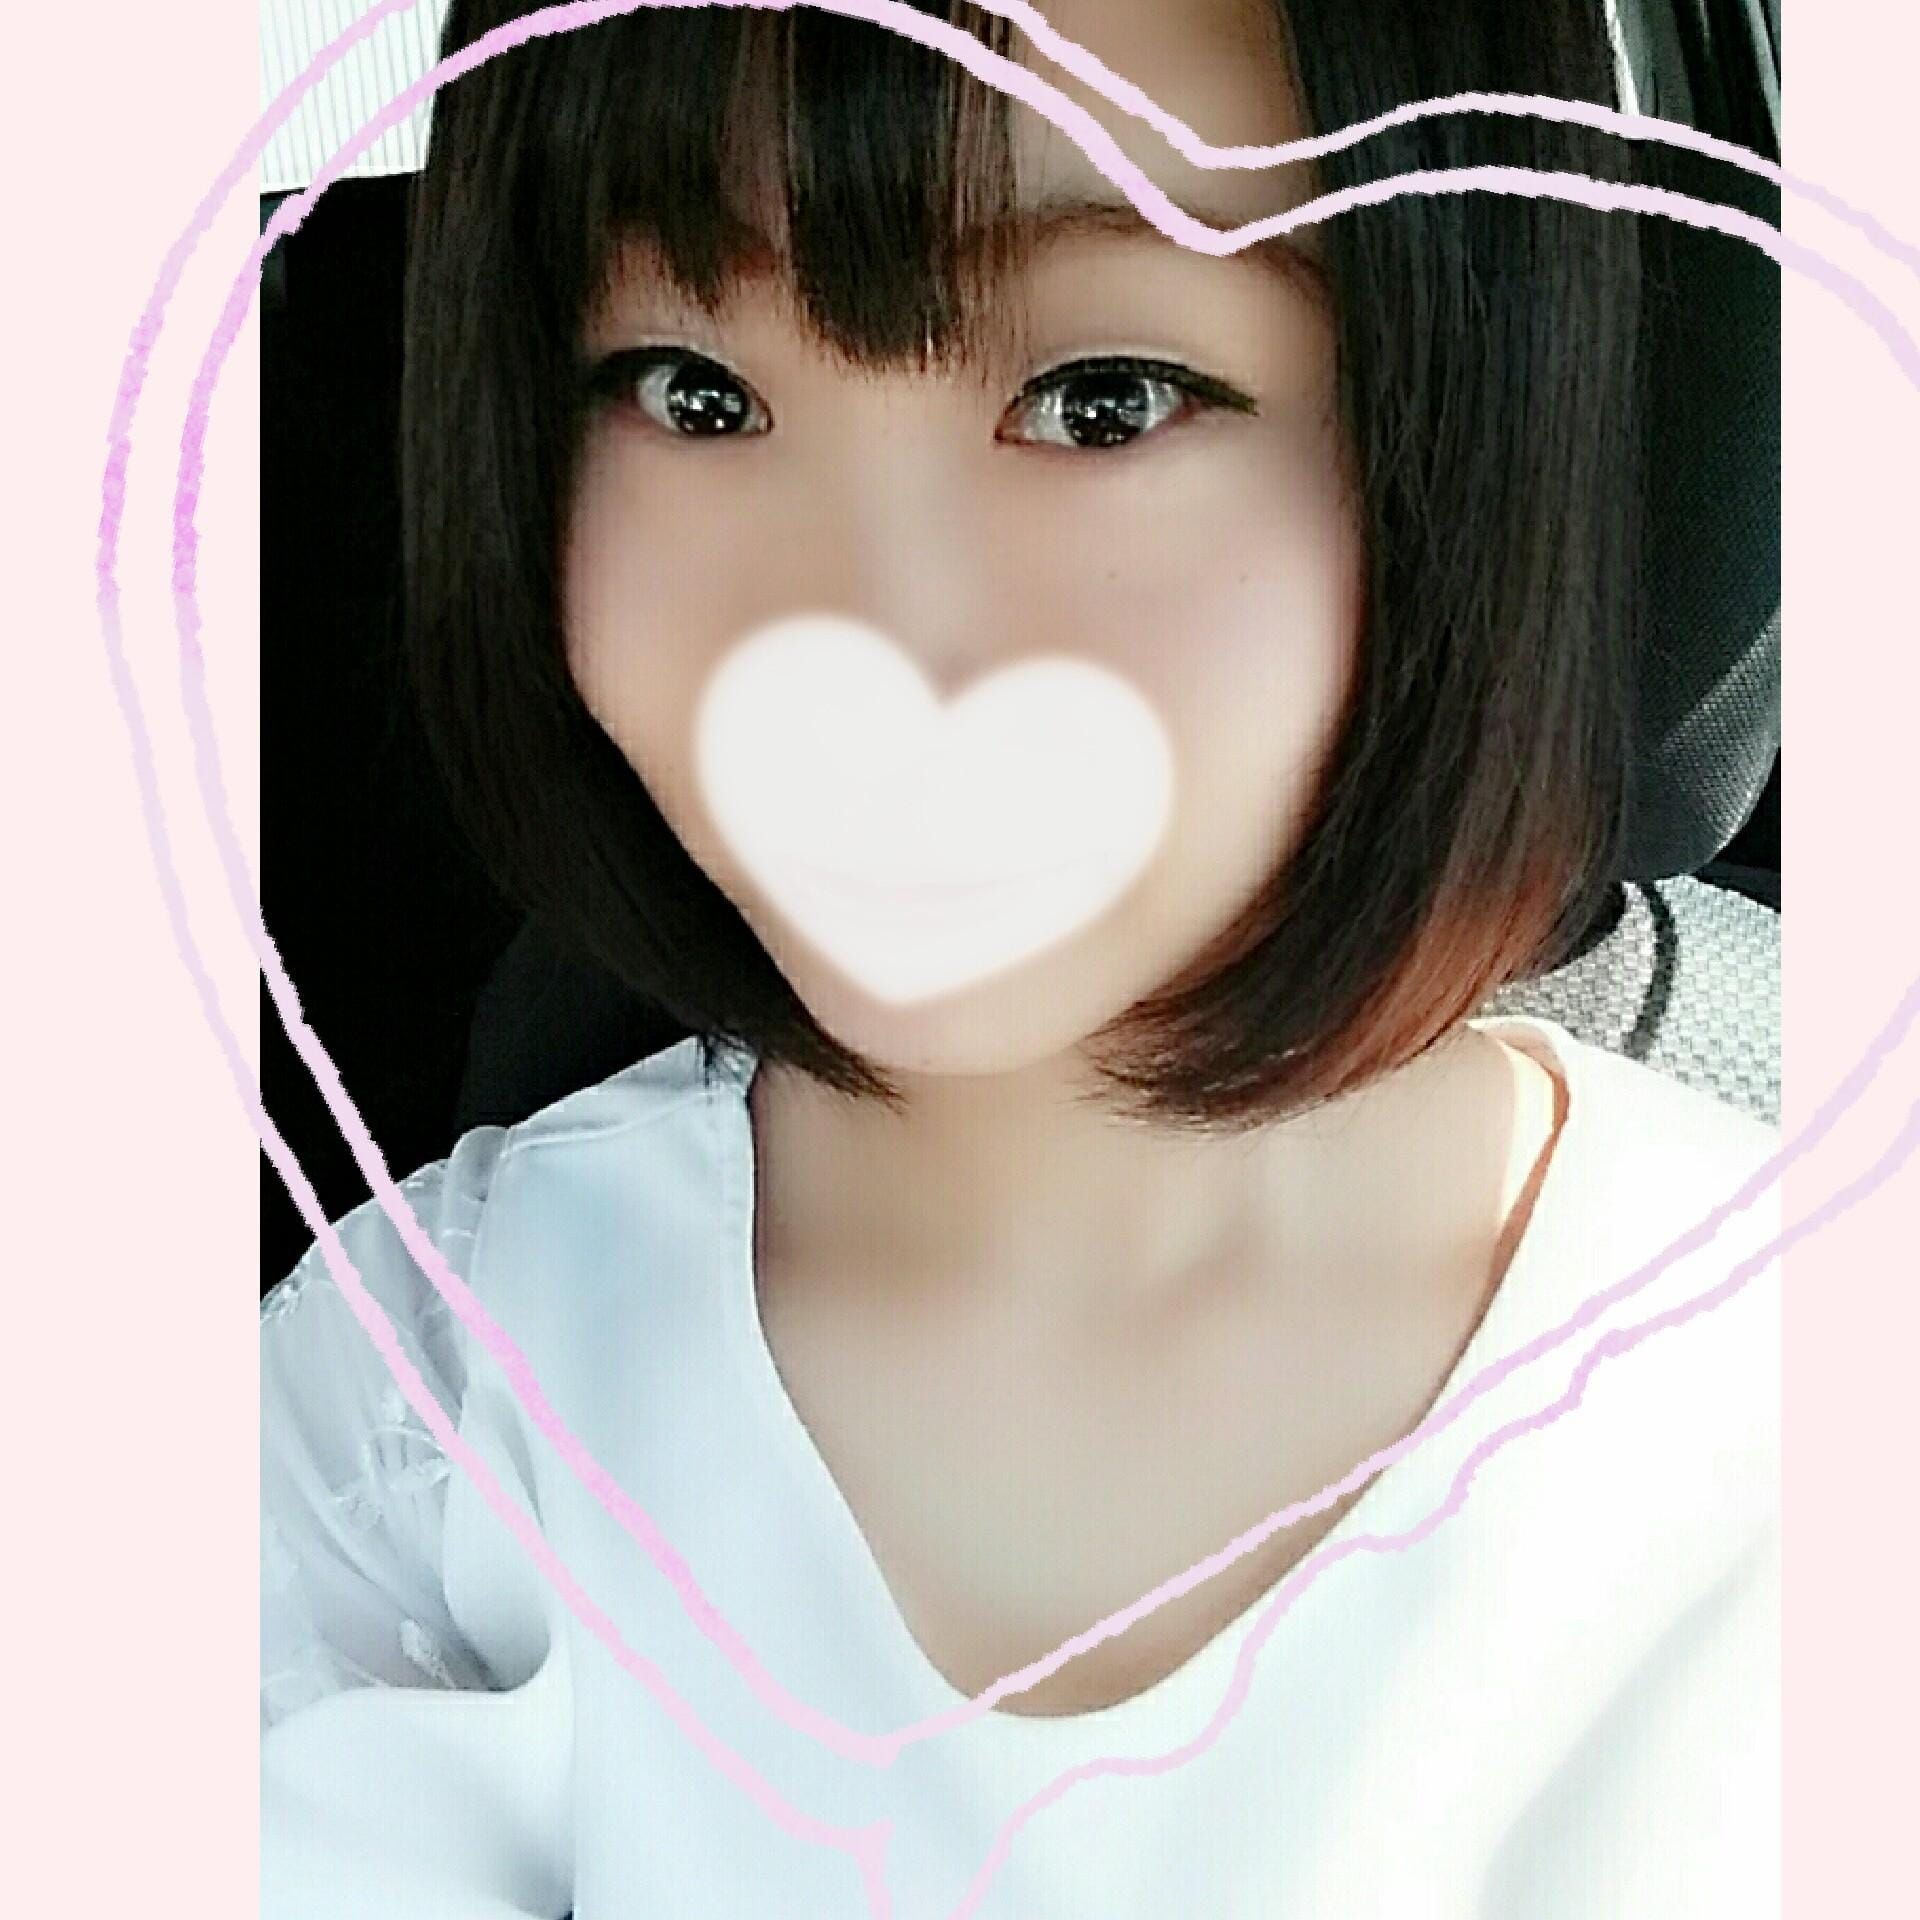 「今日は19時から登校します!」12/05(12/05) 10:27   ちえの写メ・風俗動画